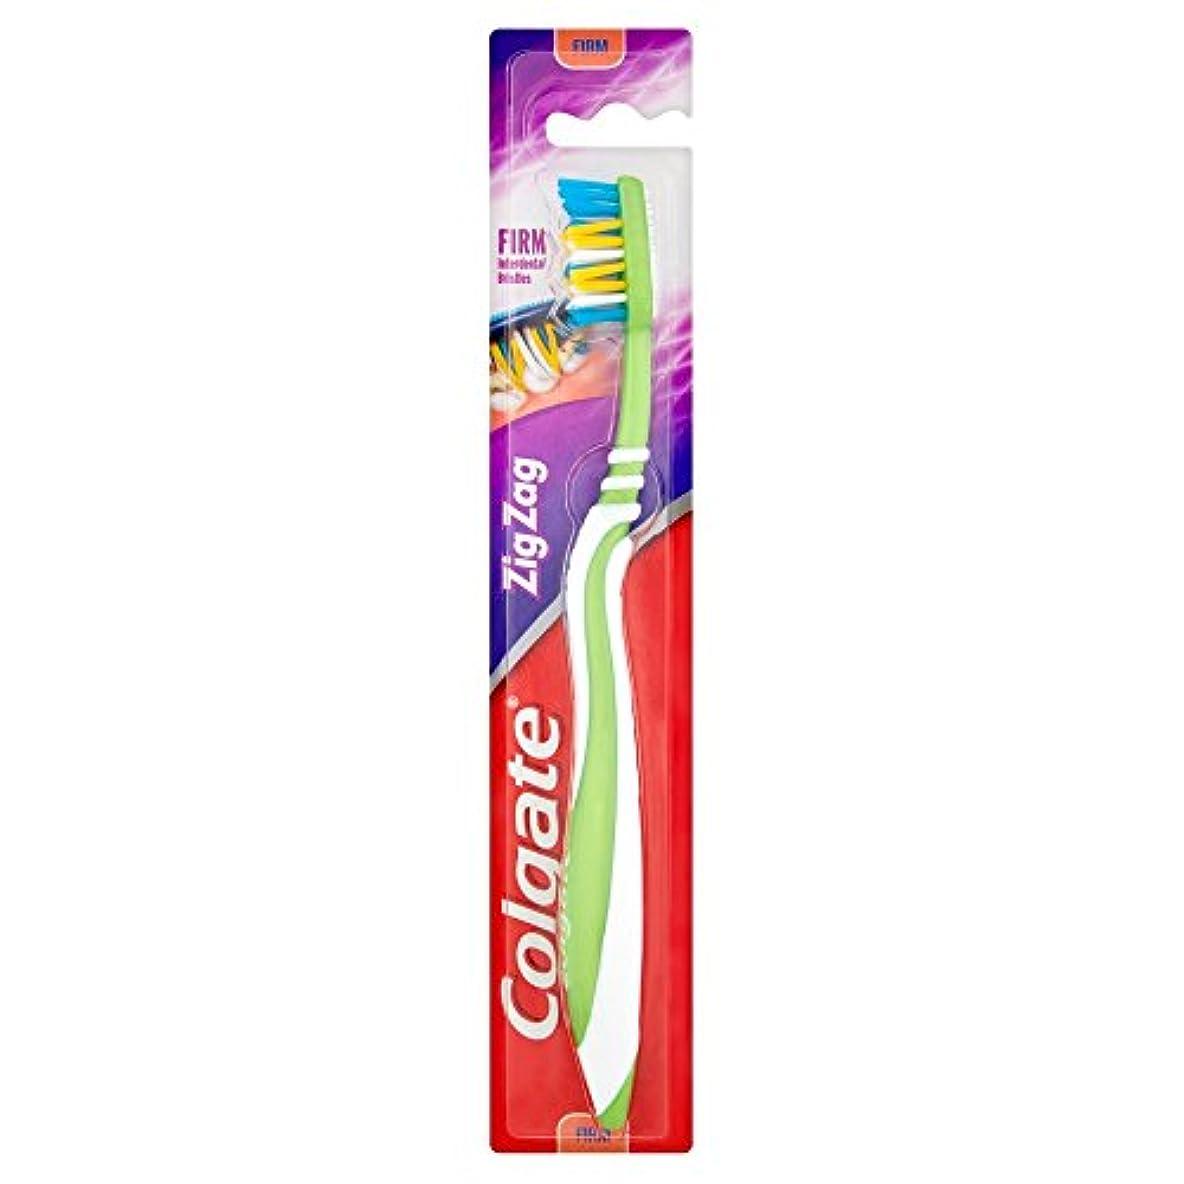 ストローリレーあいさつ[Colgate ] コルゲートジグザグしっかり歯ブラシ - Colgate Zig Zag Firm Toothbrush [並行輸入品]